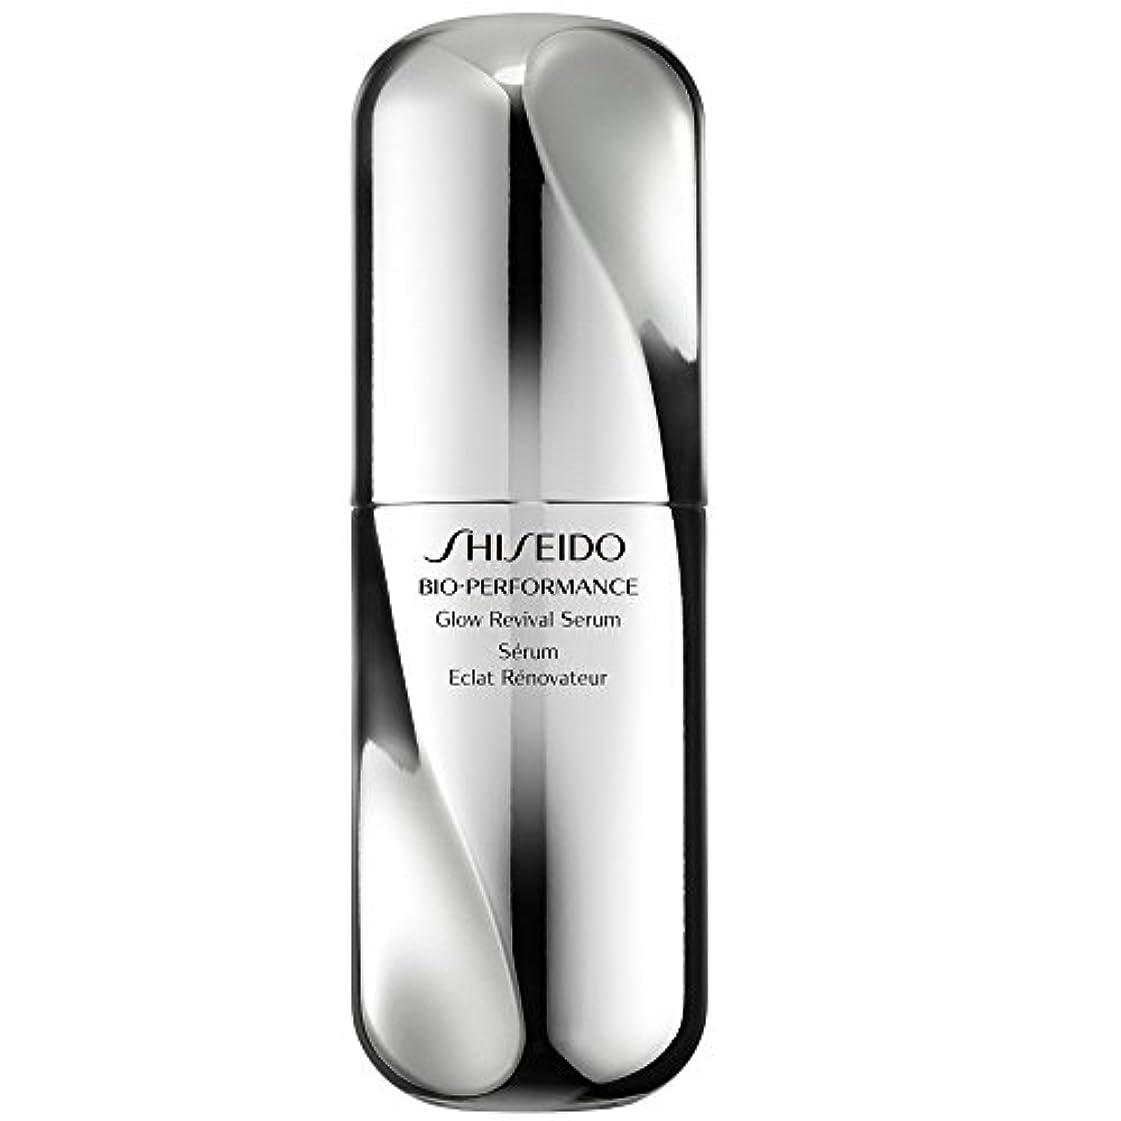 シャツ確認オプショナル[Shiseido] 資生堂バイオパフォーマンスグロー復活セラム30Ml - Shiseido Bio-Performance Glow Revival Serum 30ml [並行輸入品]